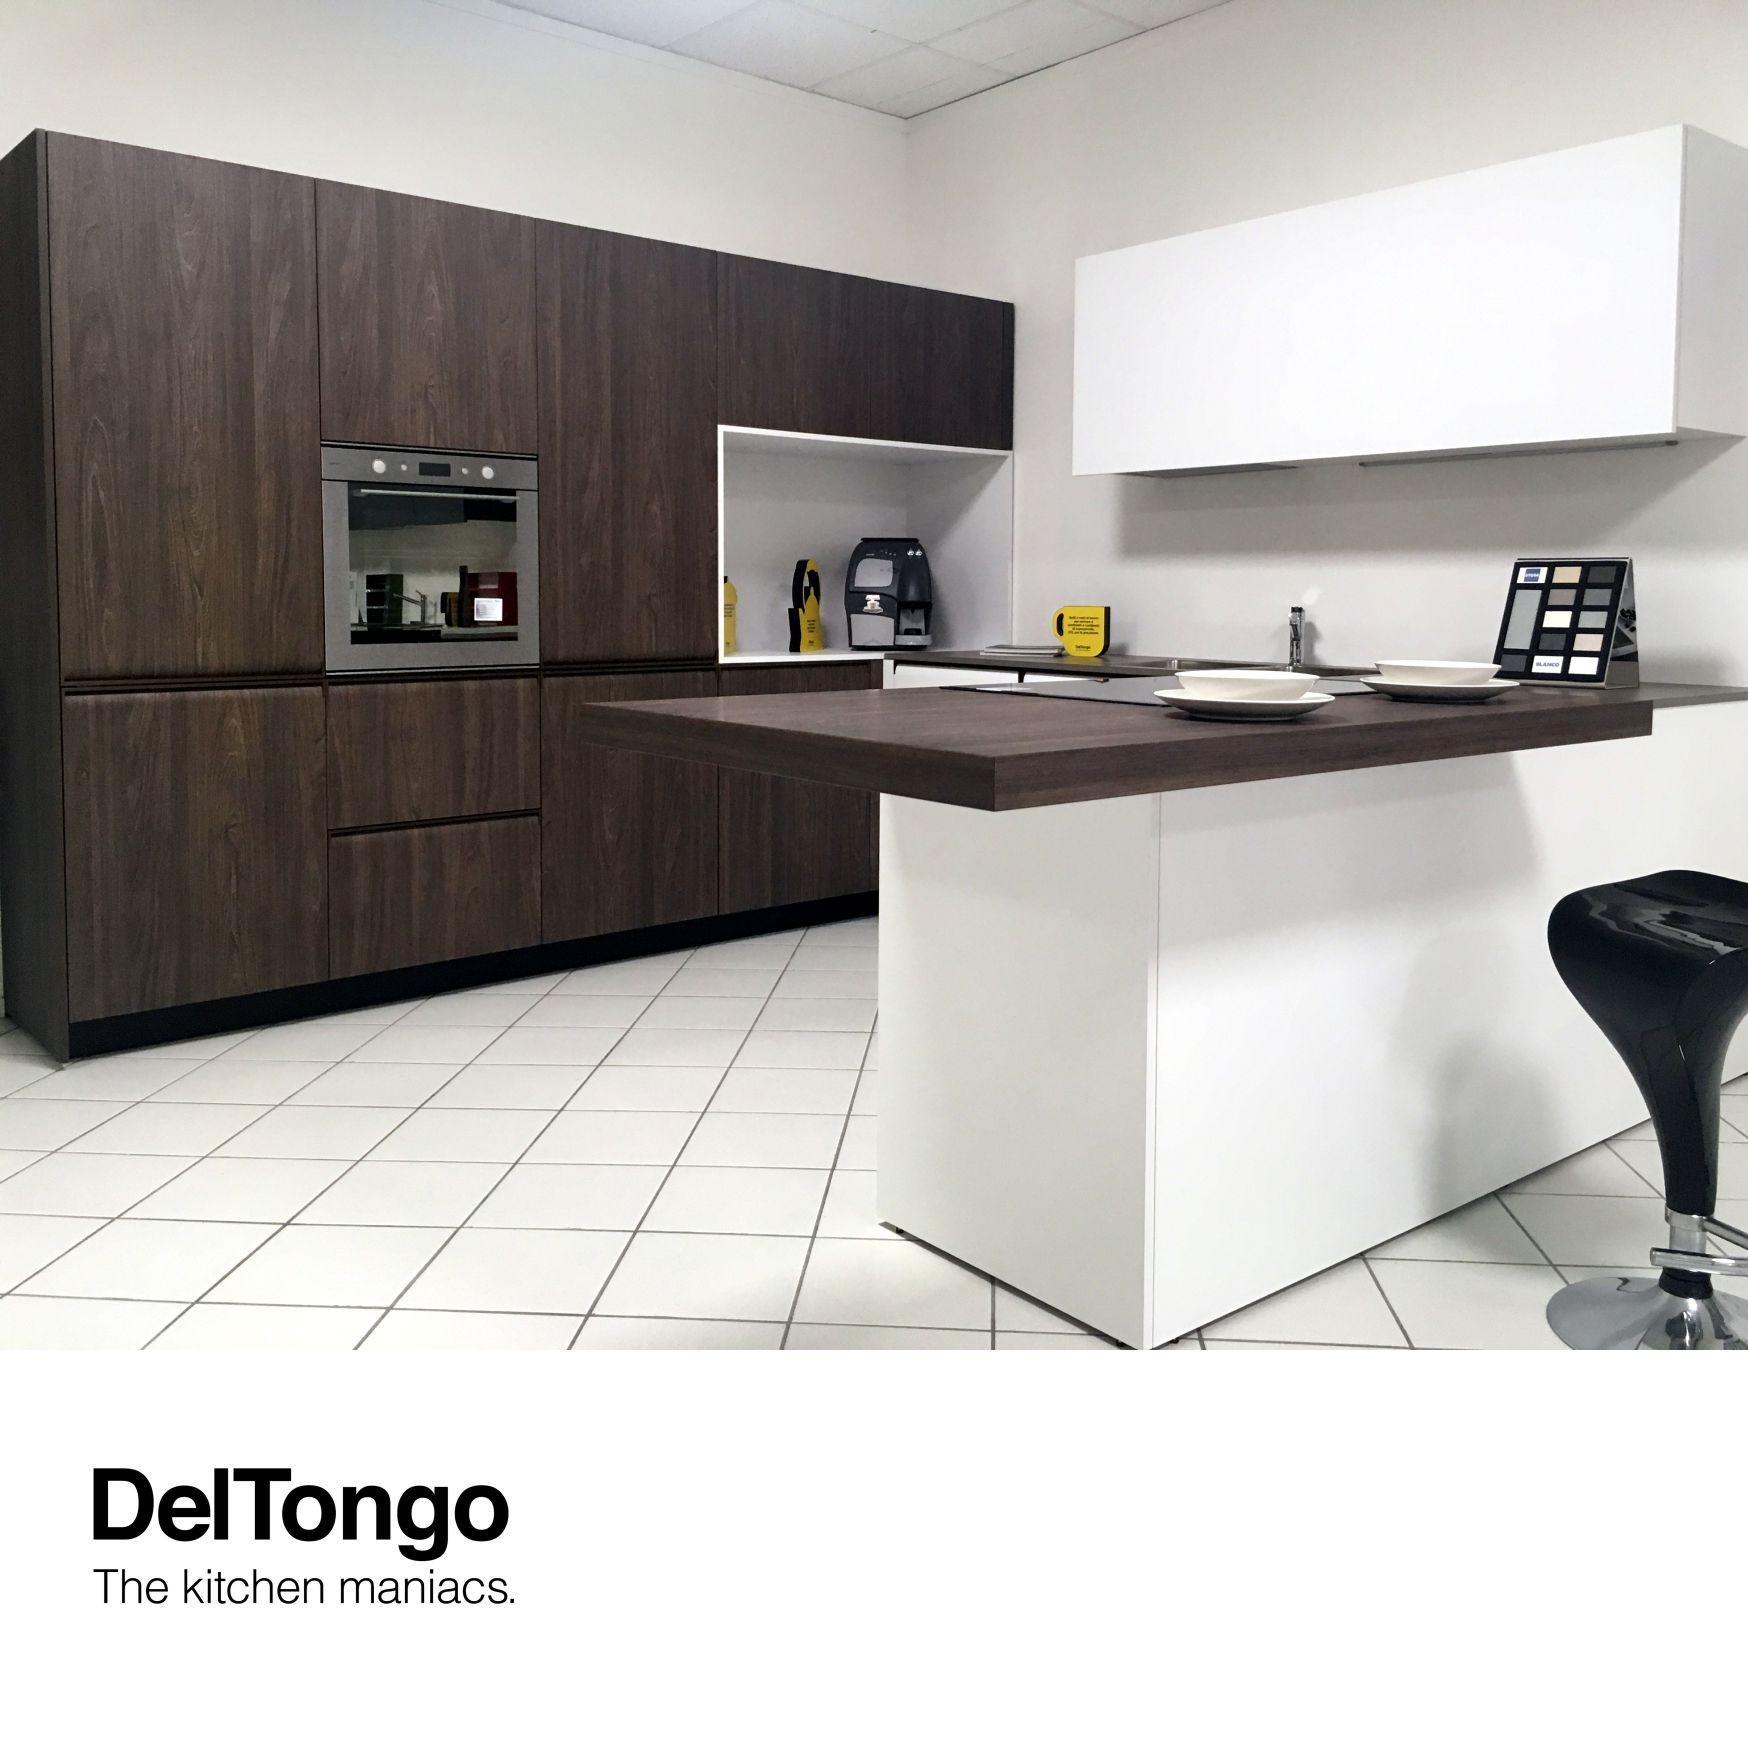 Promozioni e offerte speciali su mobili e arredamento per la casa - Liquidazione cucine ...